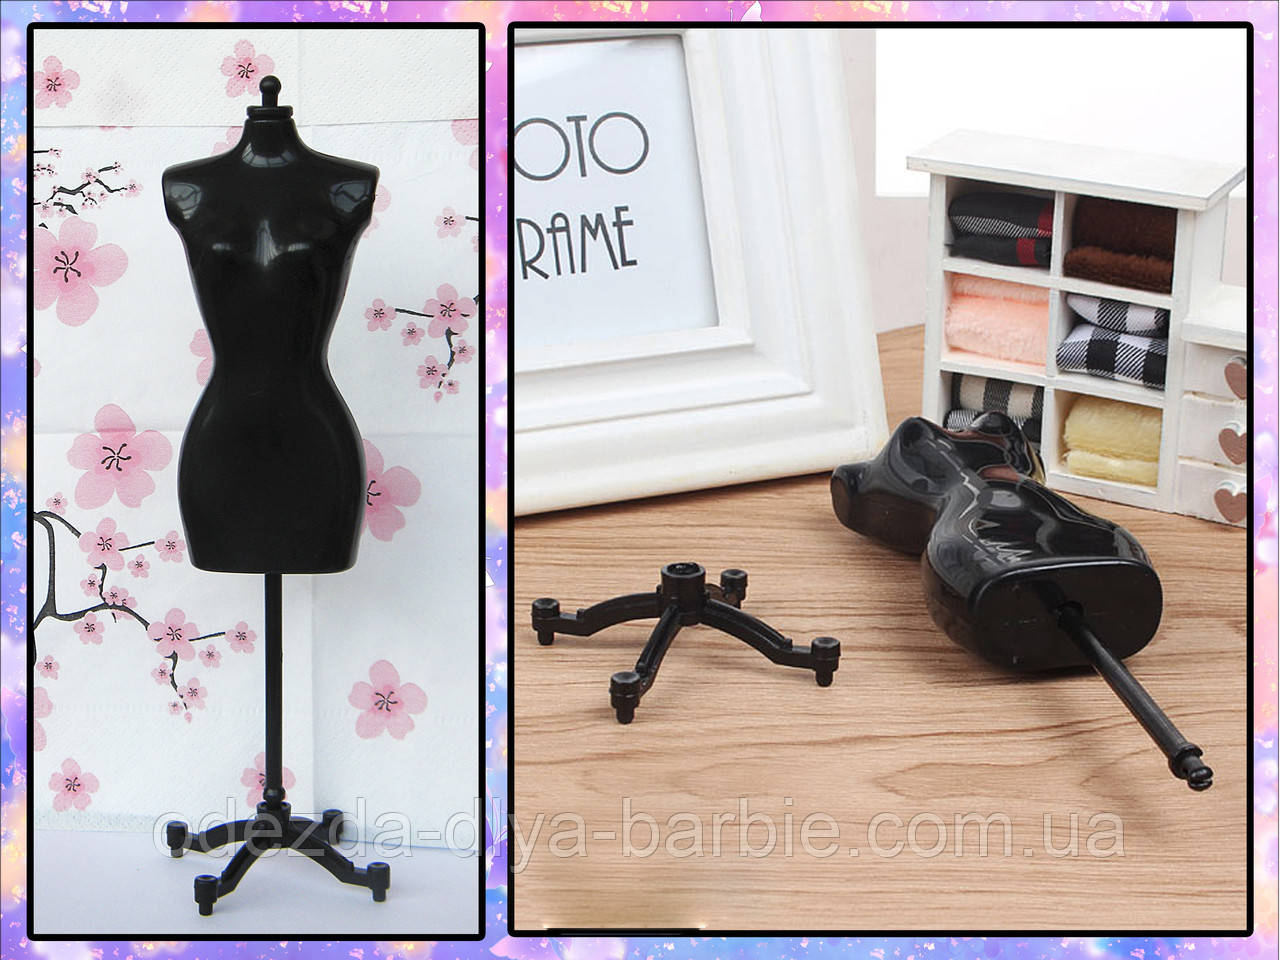 Аксессуары для кукол - манекен для одежды (черный)